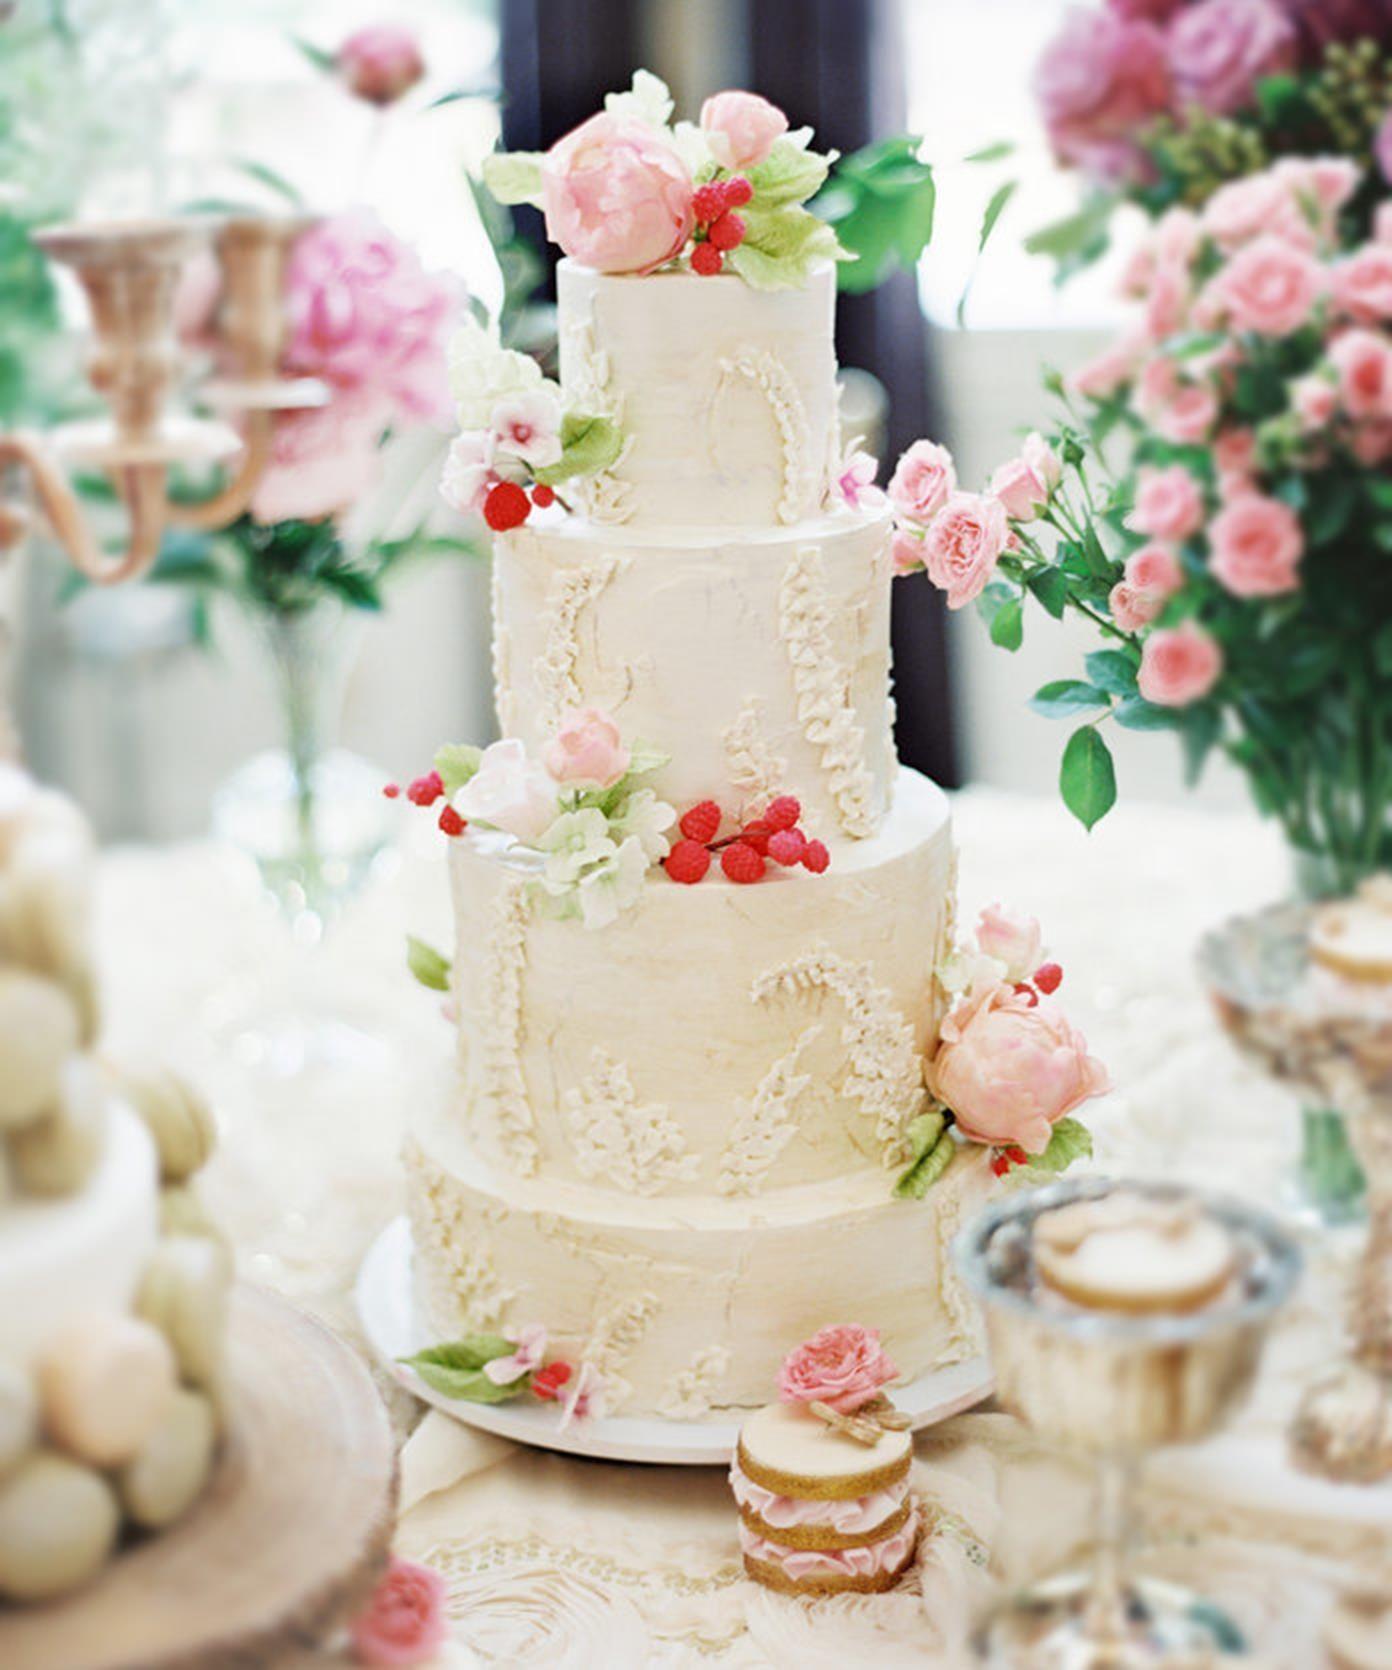 Wedding Cake Rough Price In 2020 Pink Wedding Cake Romantic Wedding Cake Wedding Cakes With Flowers